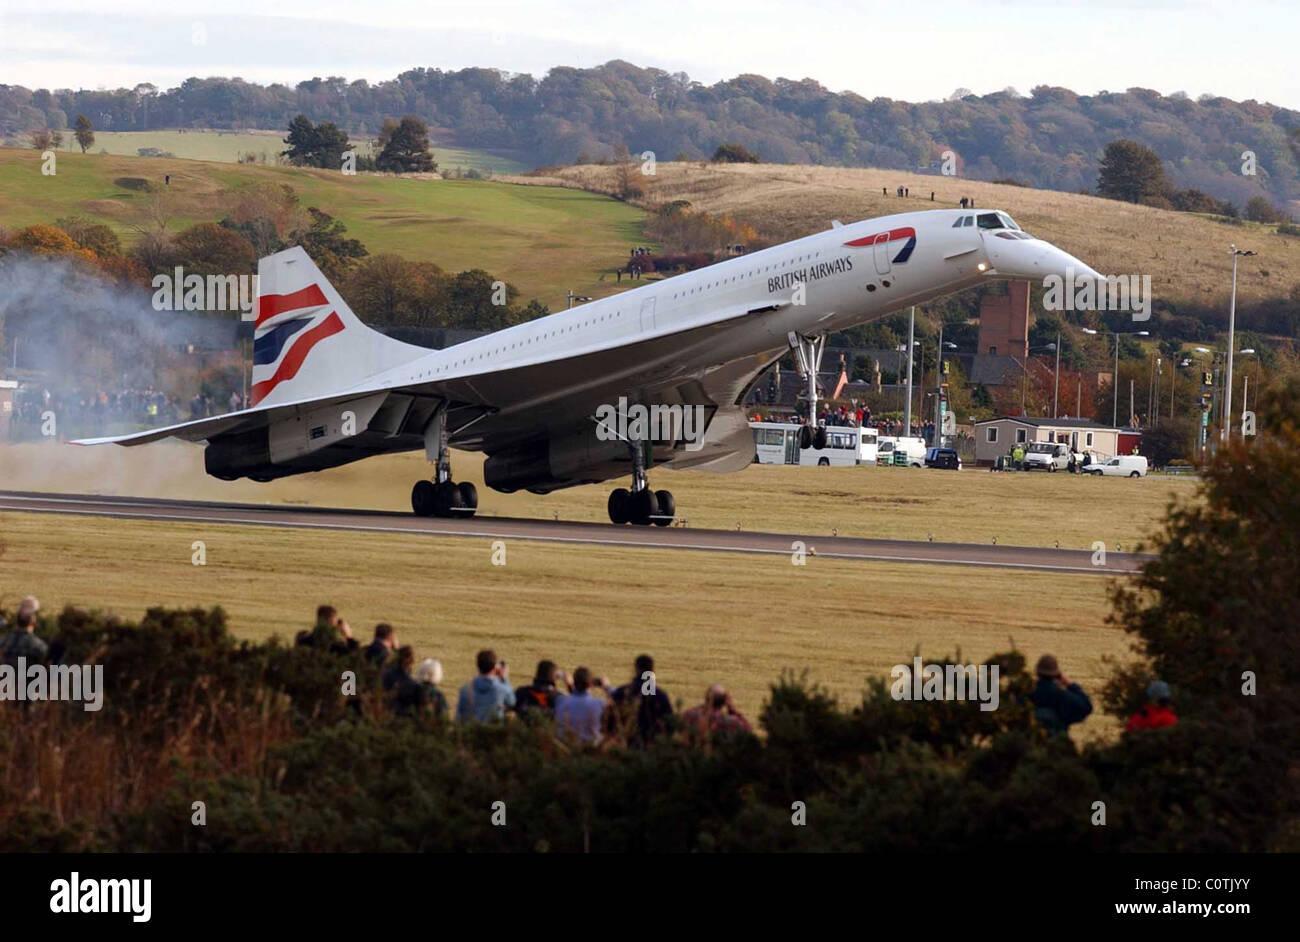 Photo Brittish Airways Concorde - l'arrivée à l'aéroport d'Édimbourg Tournhouse. Banque D'Images